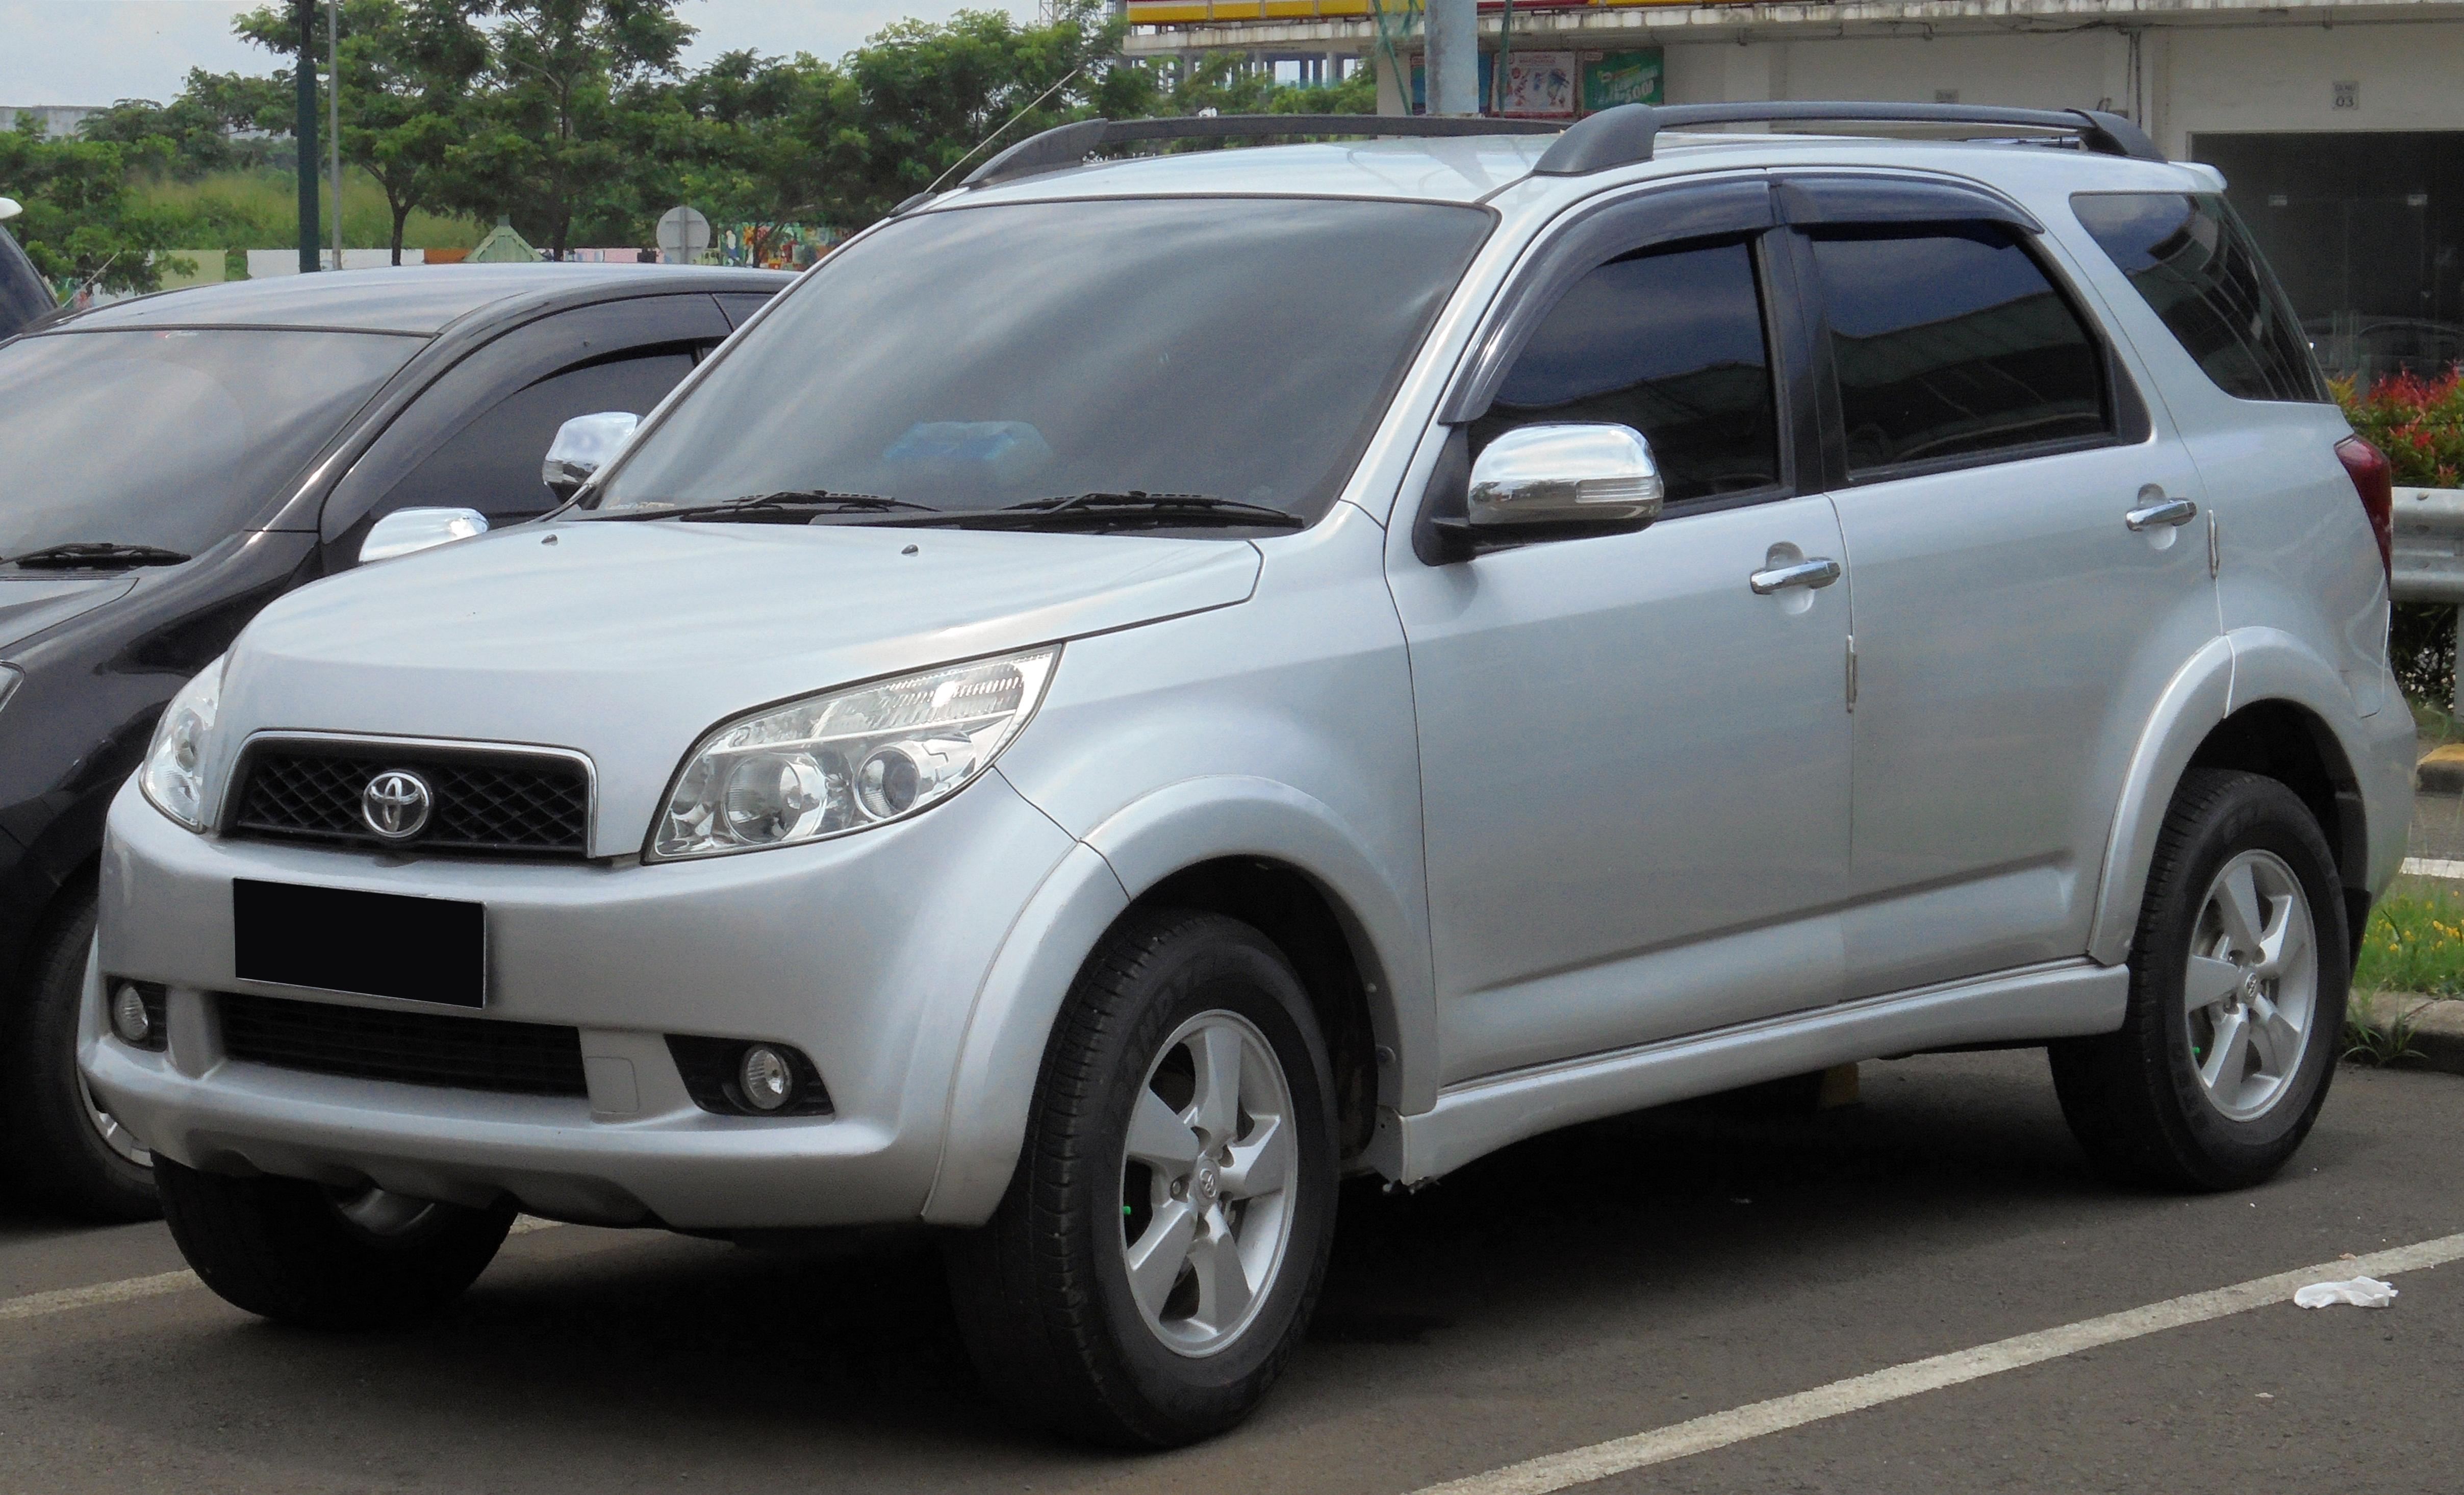 Kekurangan Toyota Rush 2010 Top Model Tahun Ini